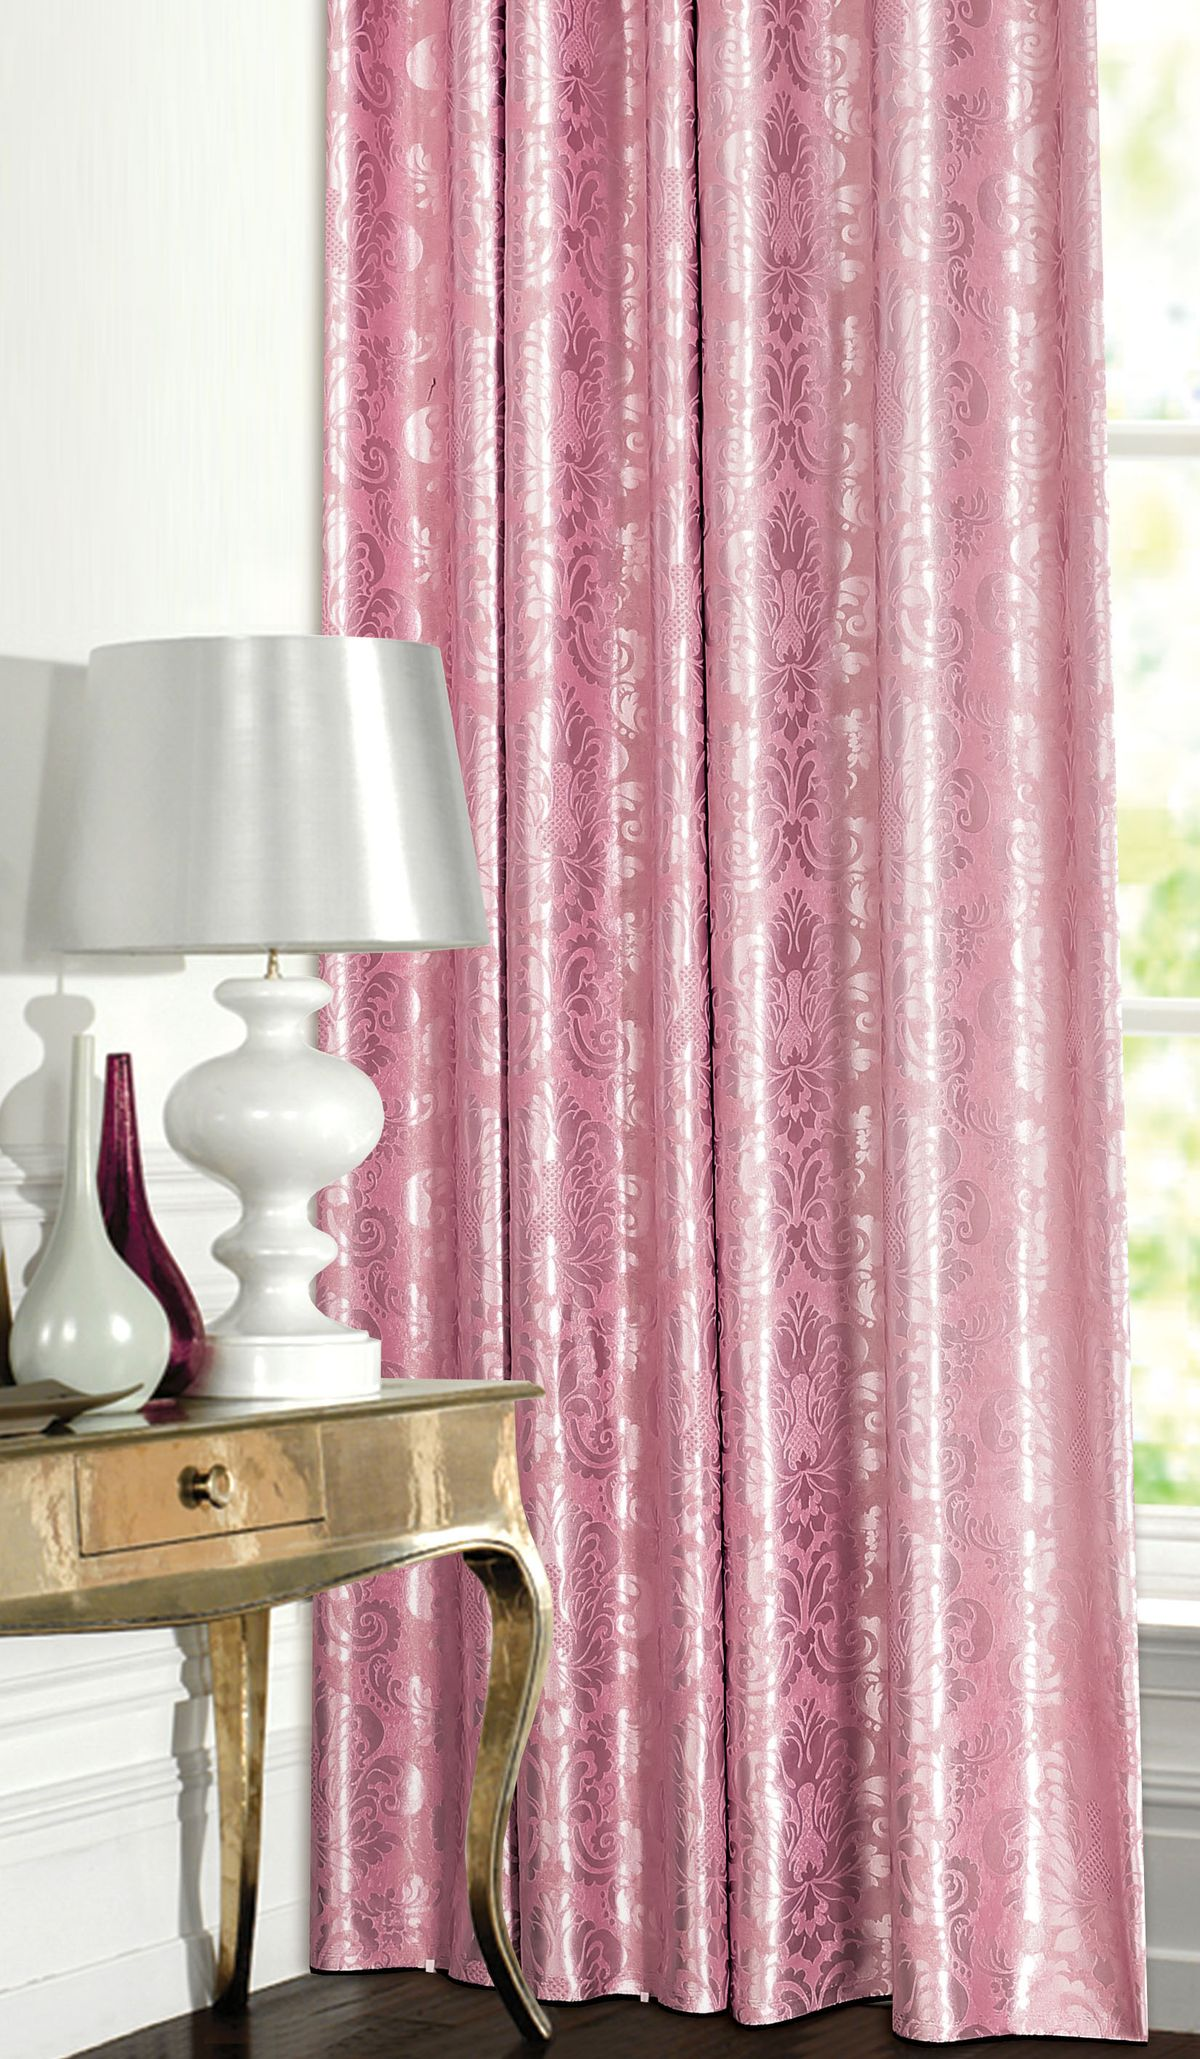 Штора готовая Garden, на ленте, цвет: розовый, высота 260 см. С 537392 V8С 537392 V8Изящная штора для гостиной Garden выполнена из плотной ткани жаккард. Приятная текстура и цвет привлекут к себе внимание и органично впишутся в интерьер помещения. Штора крепится на карниз при помощи ленты, которая поможет красиво и равномерно задрапировать верх.